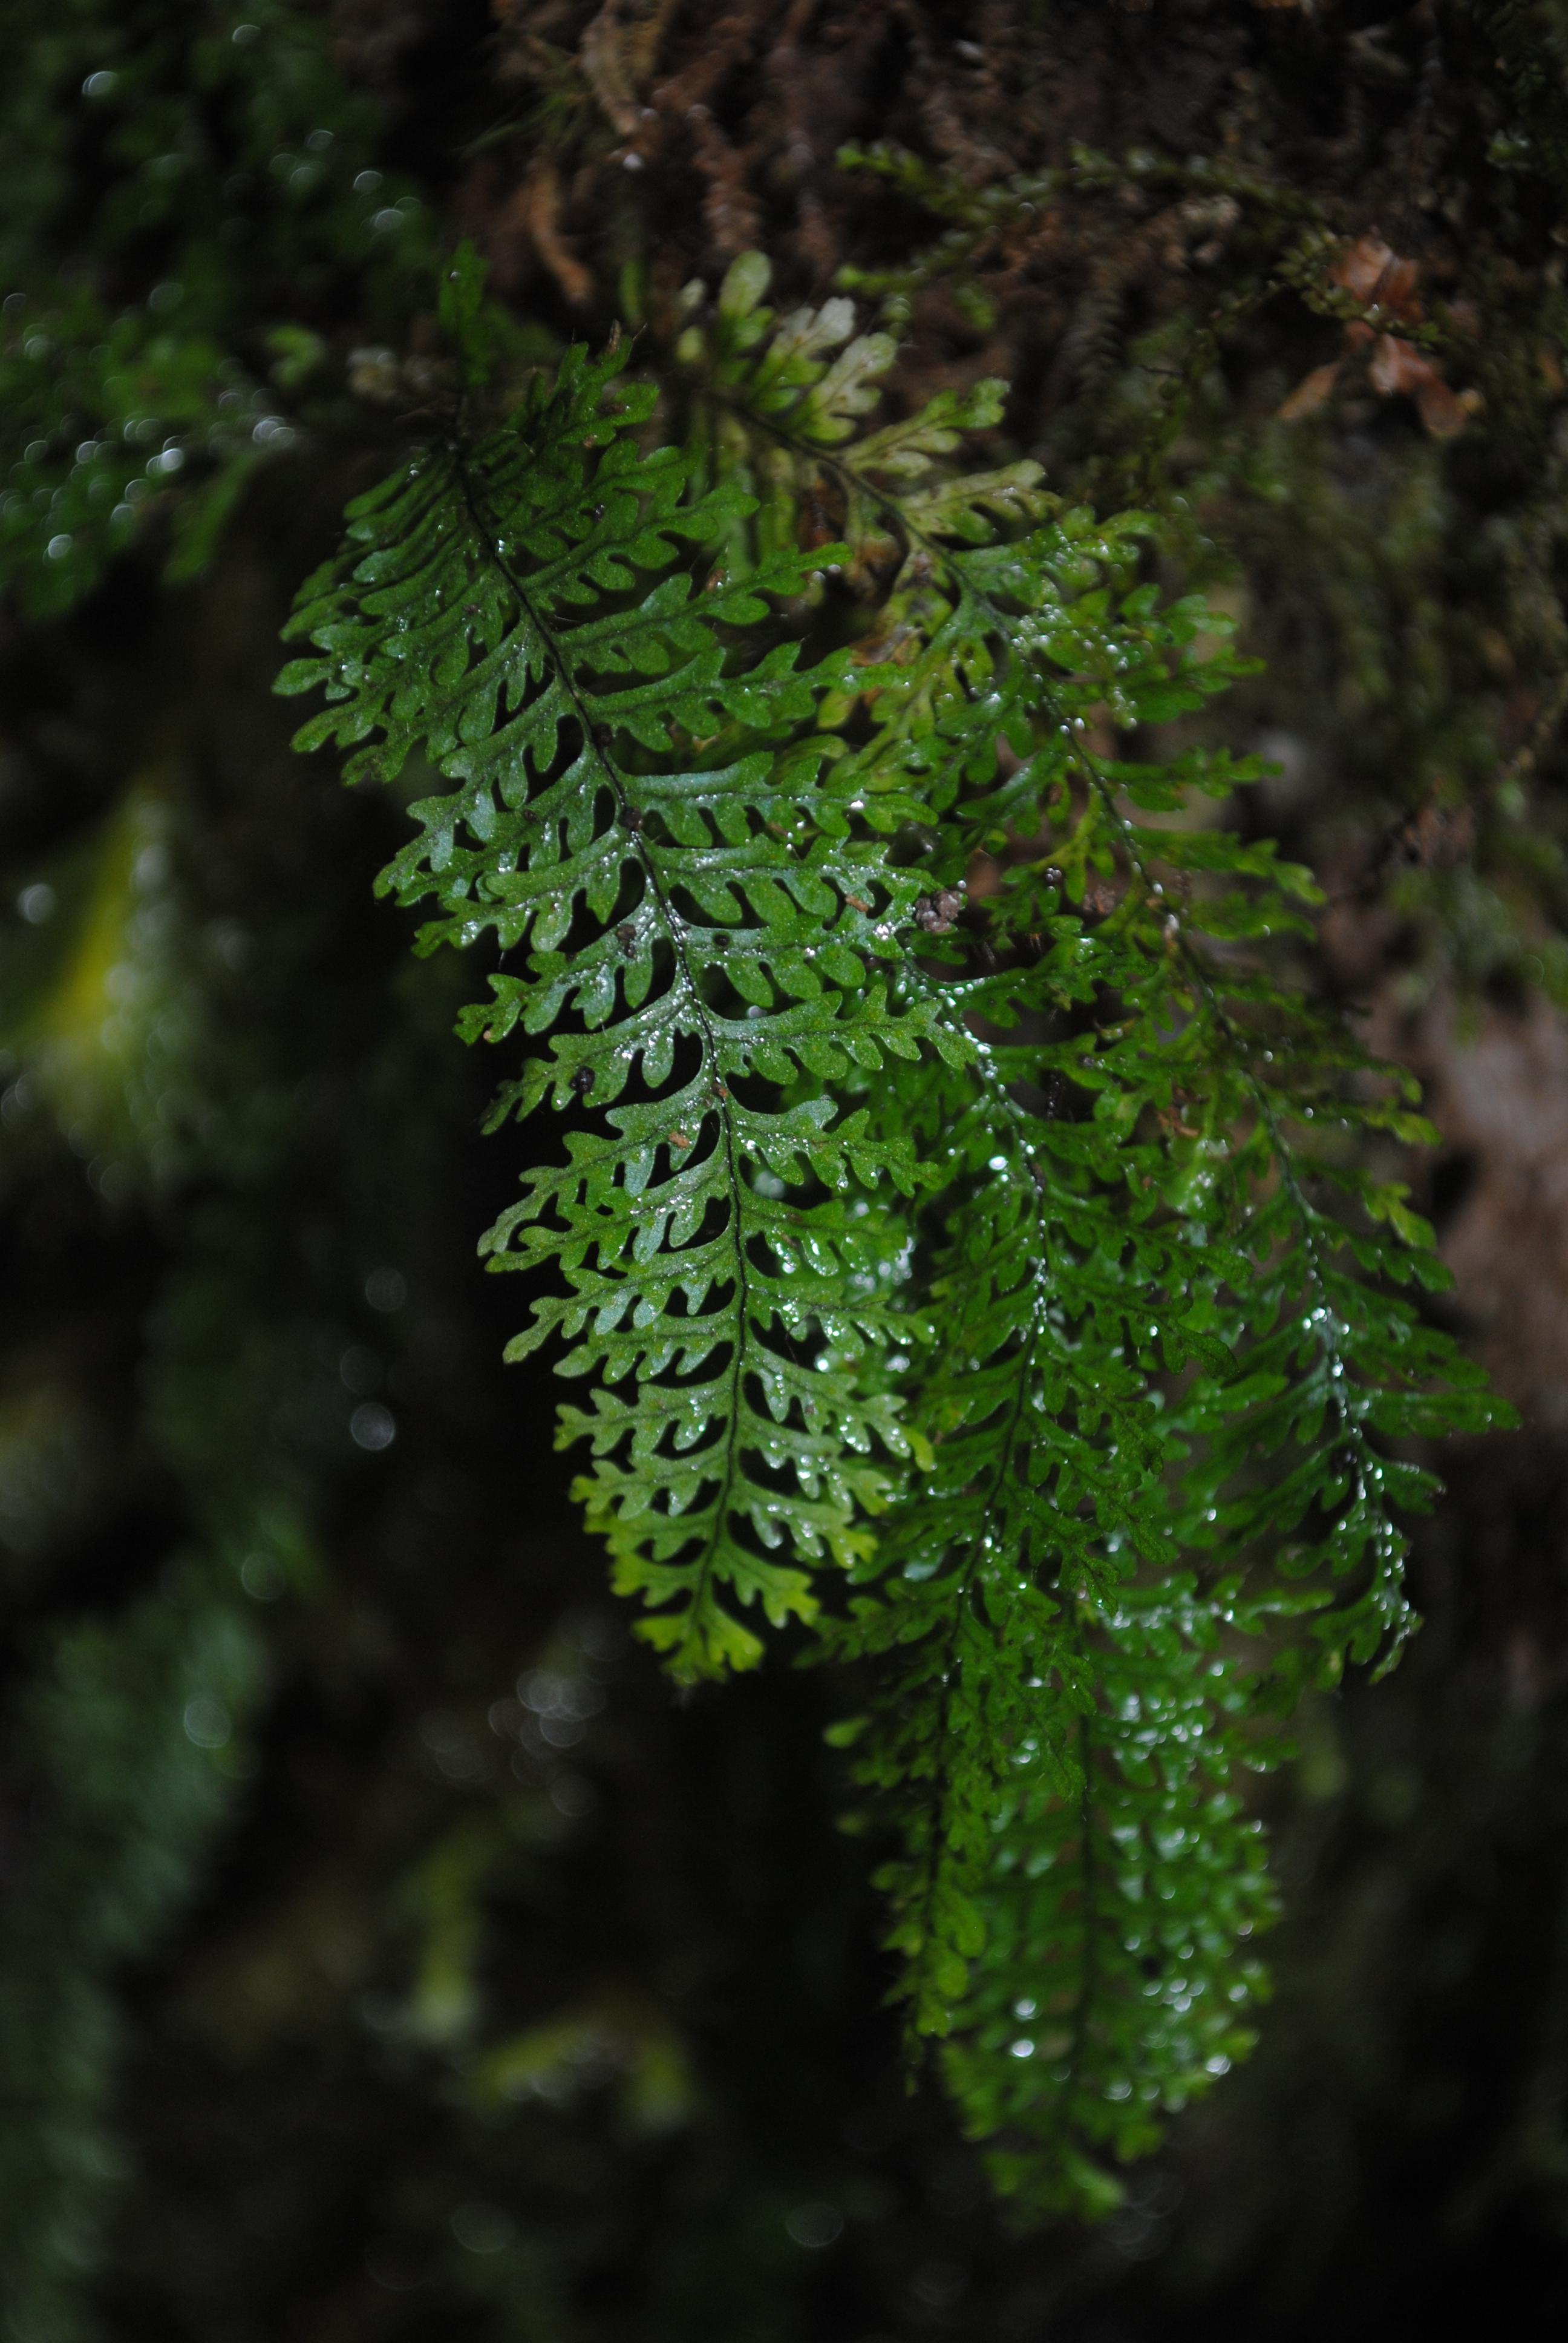 Tomophyllum subsecundodissectum